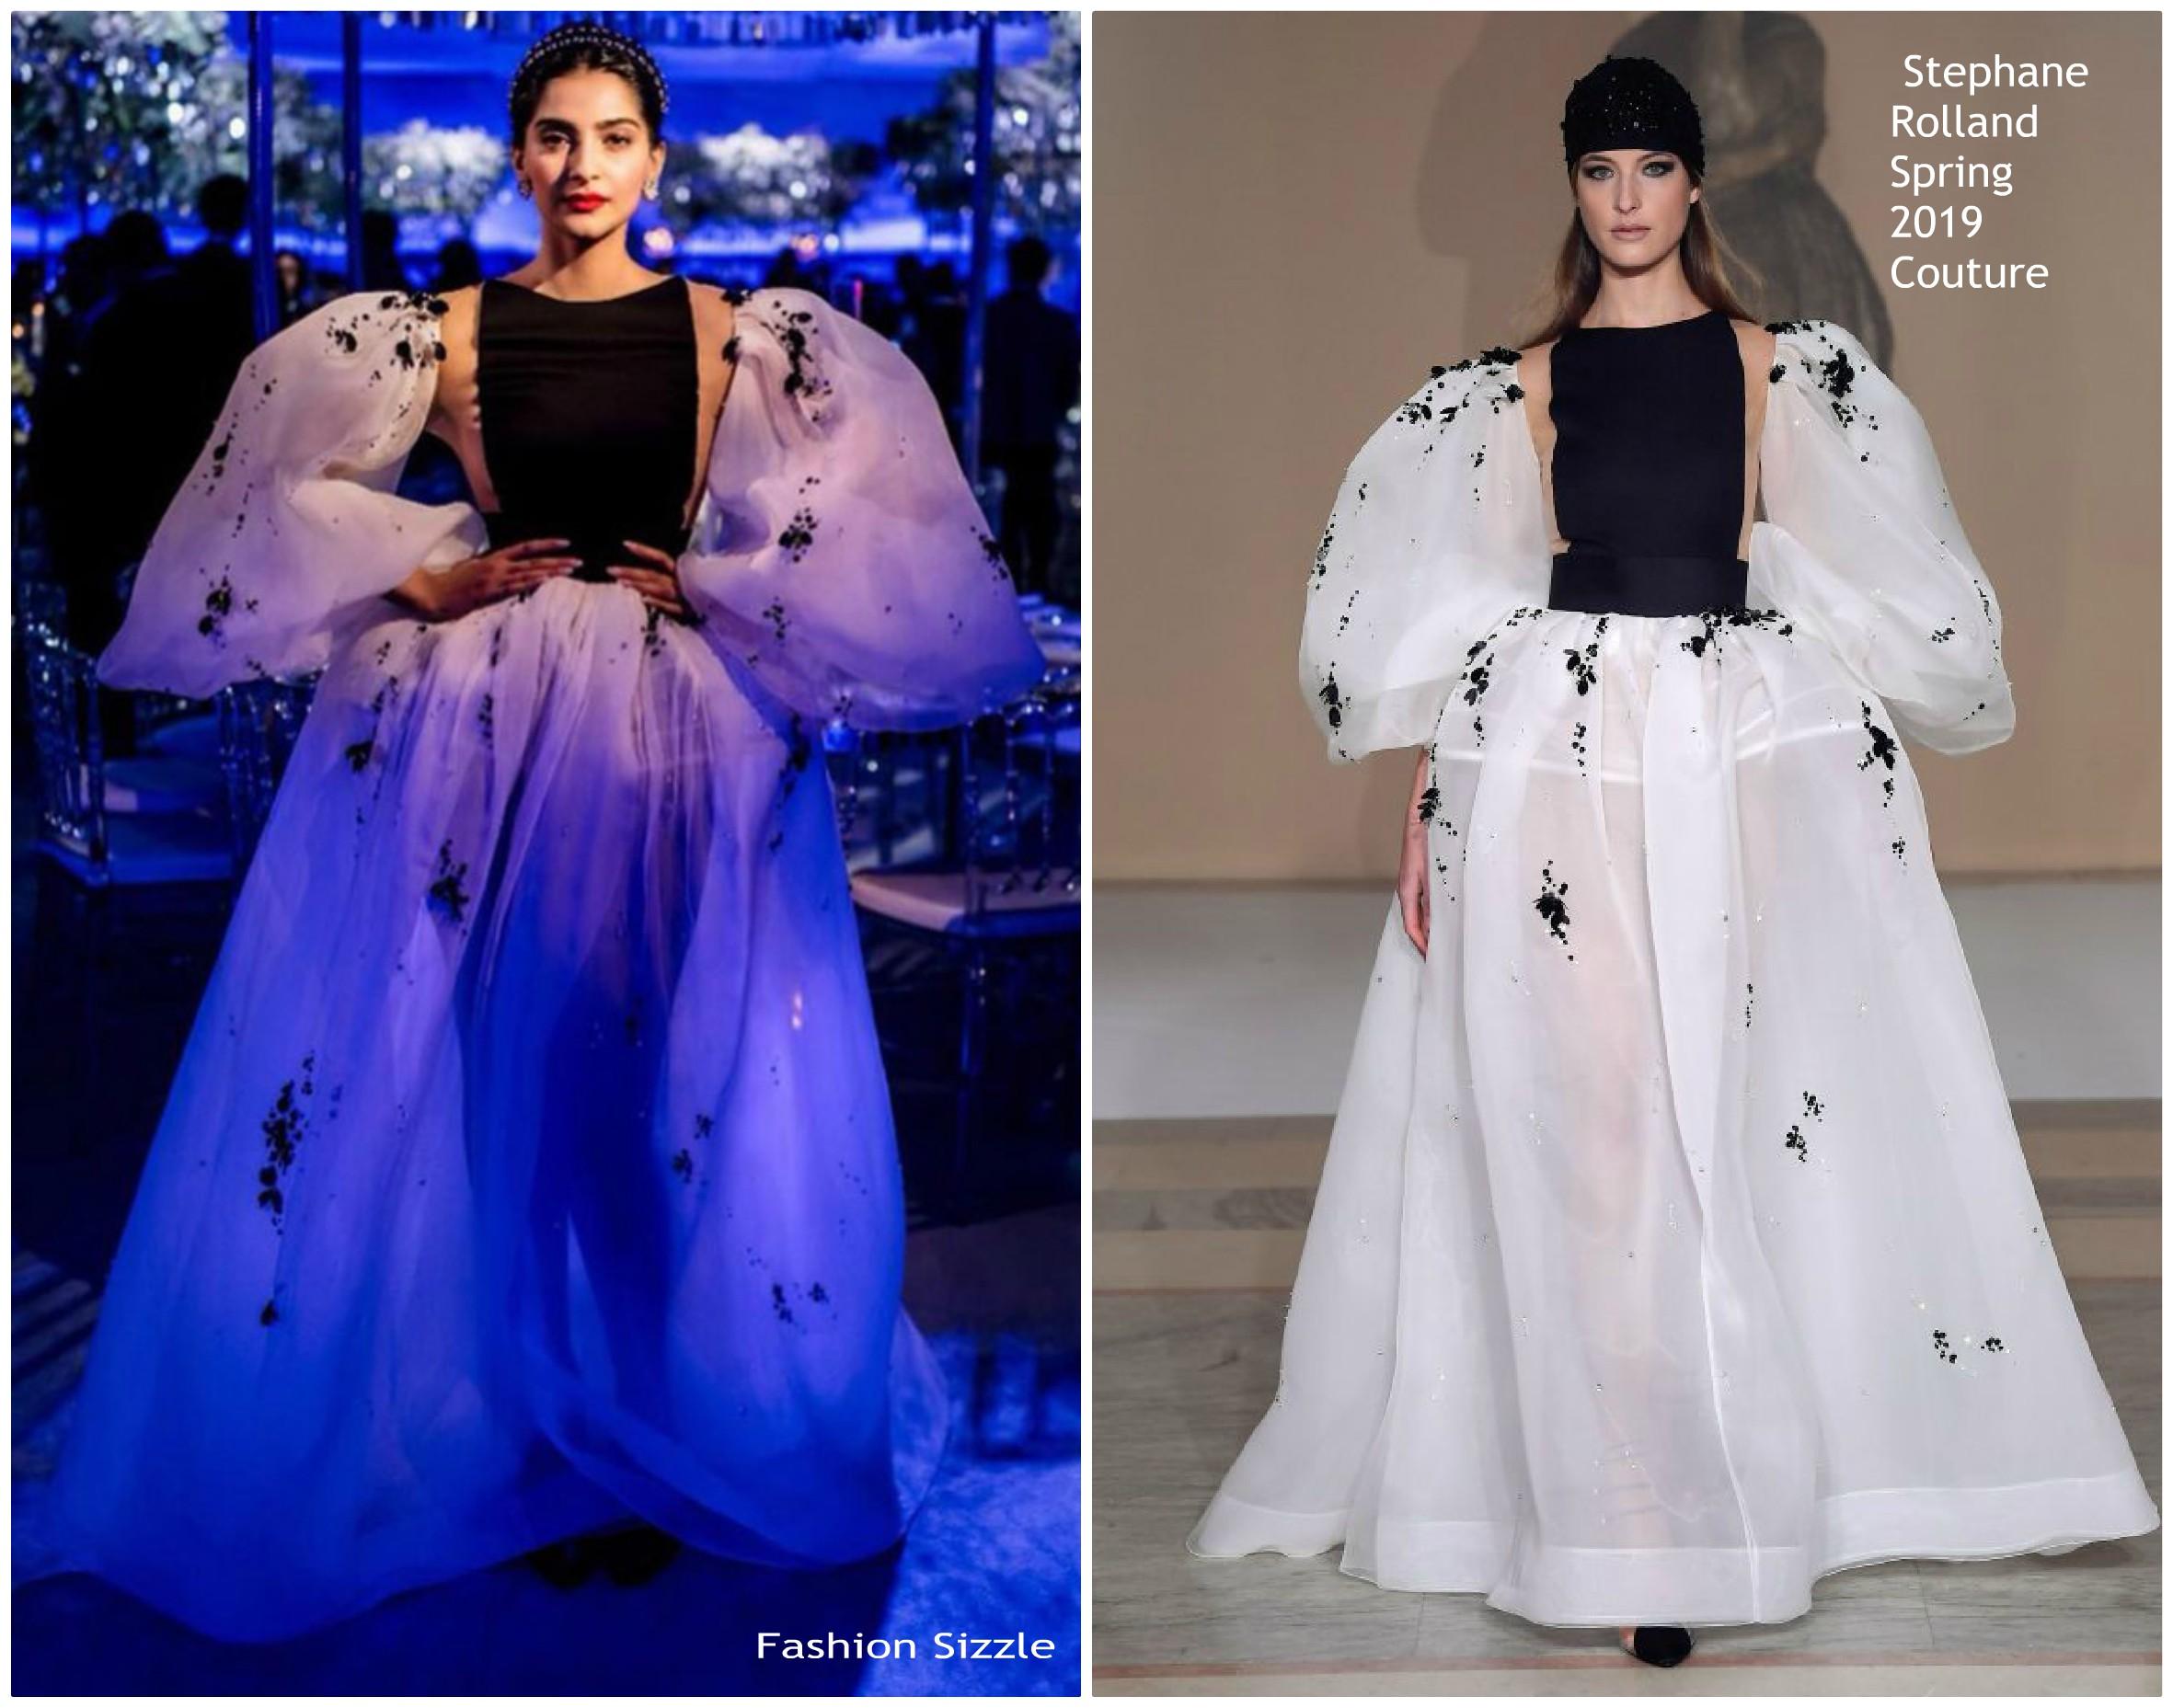 sonam-kapoor-in-stephane-rolland-haute-couture-akash-ambani-shloka-mehta-wedding-party